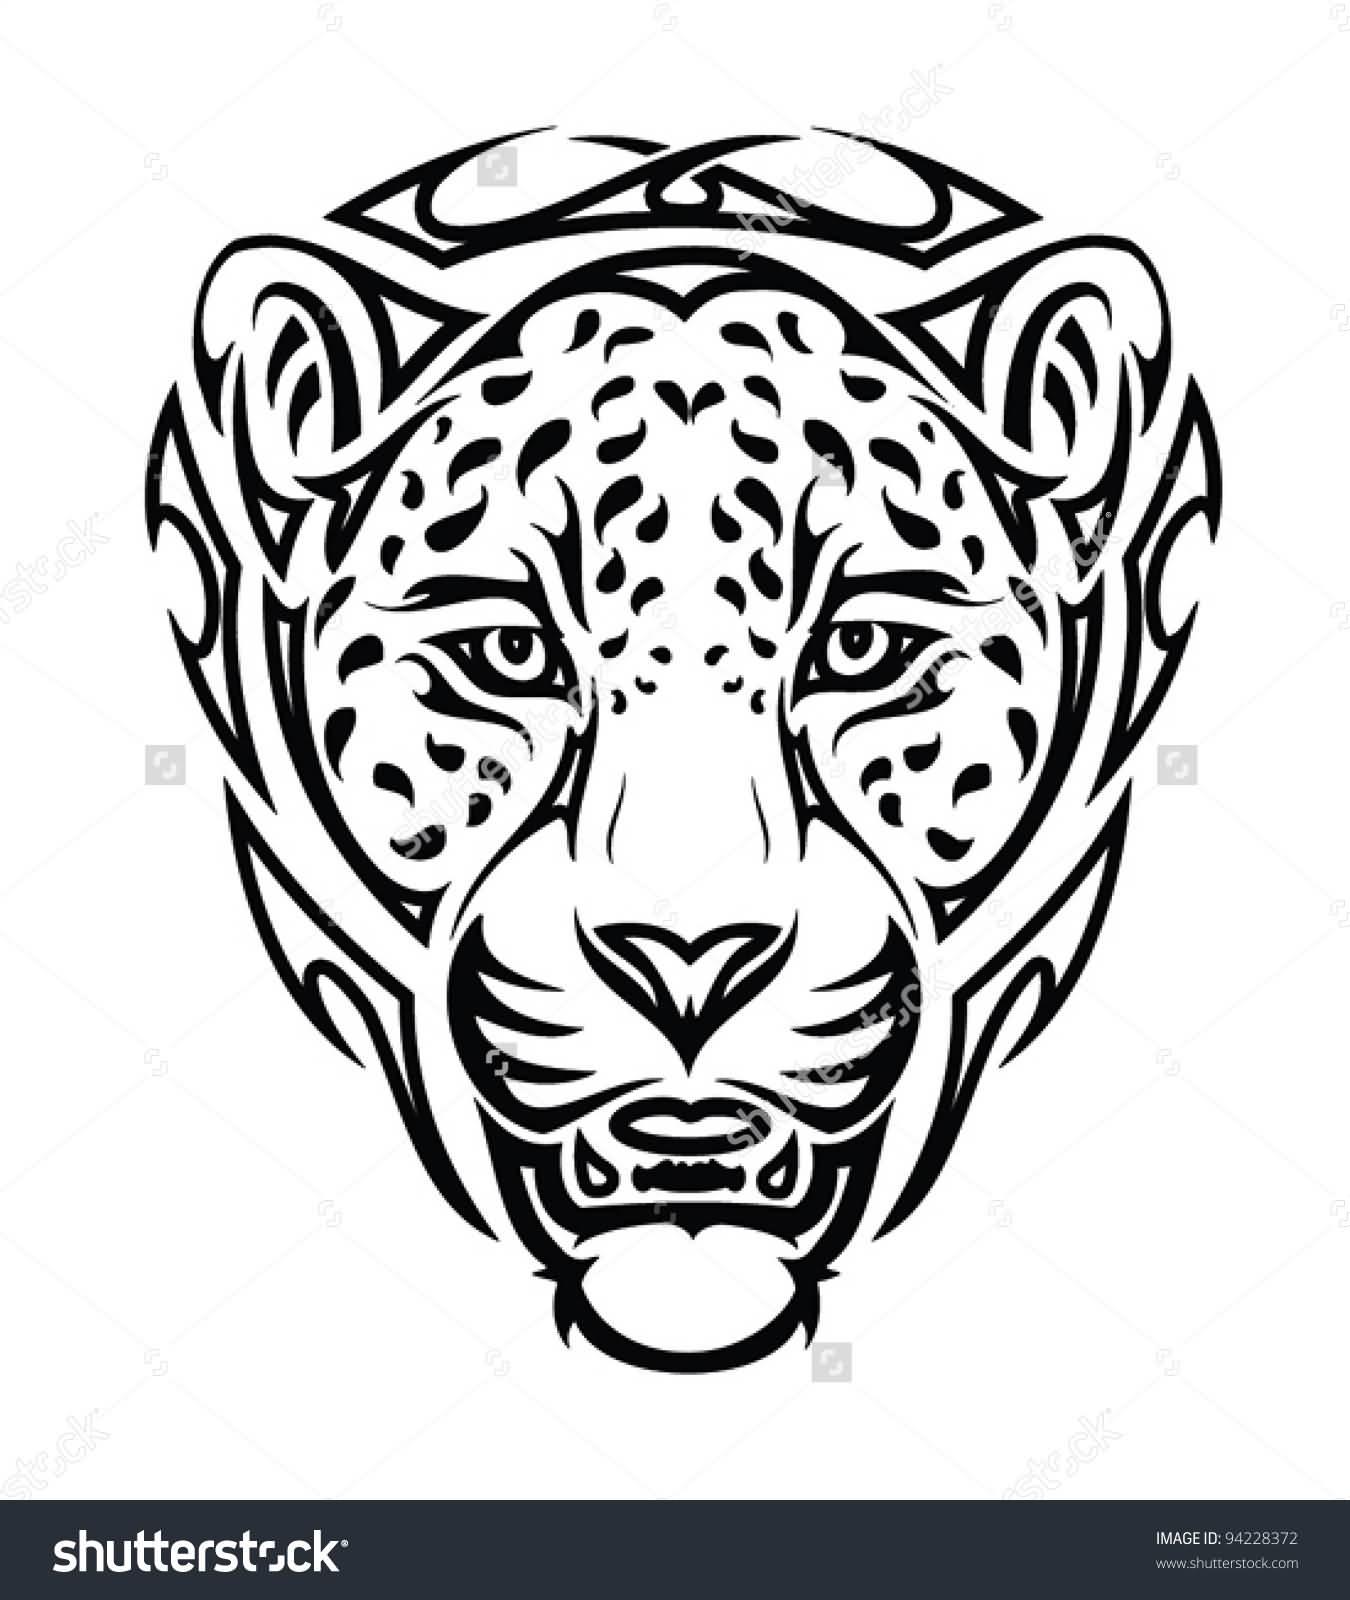 25+ Tribal Jaguar Tattoo Designs